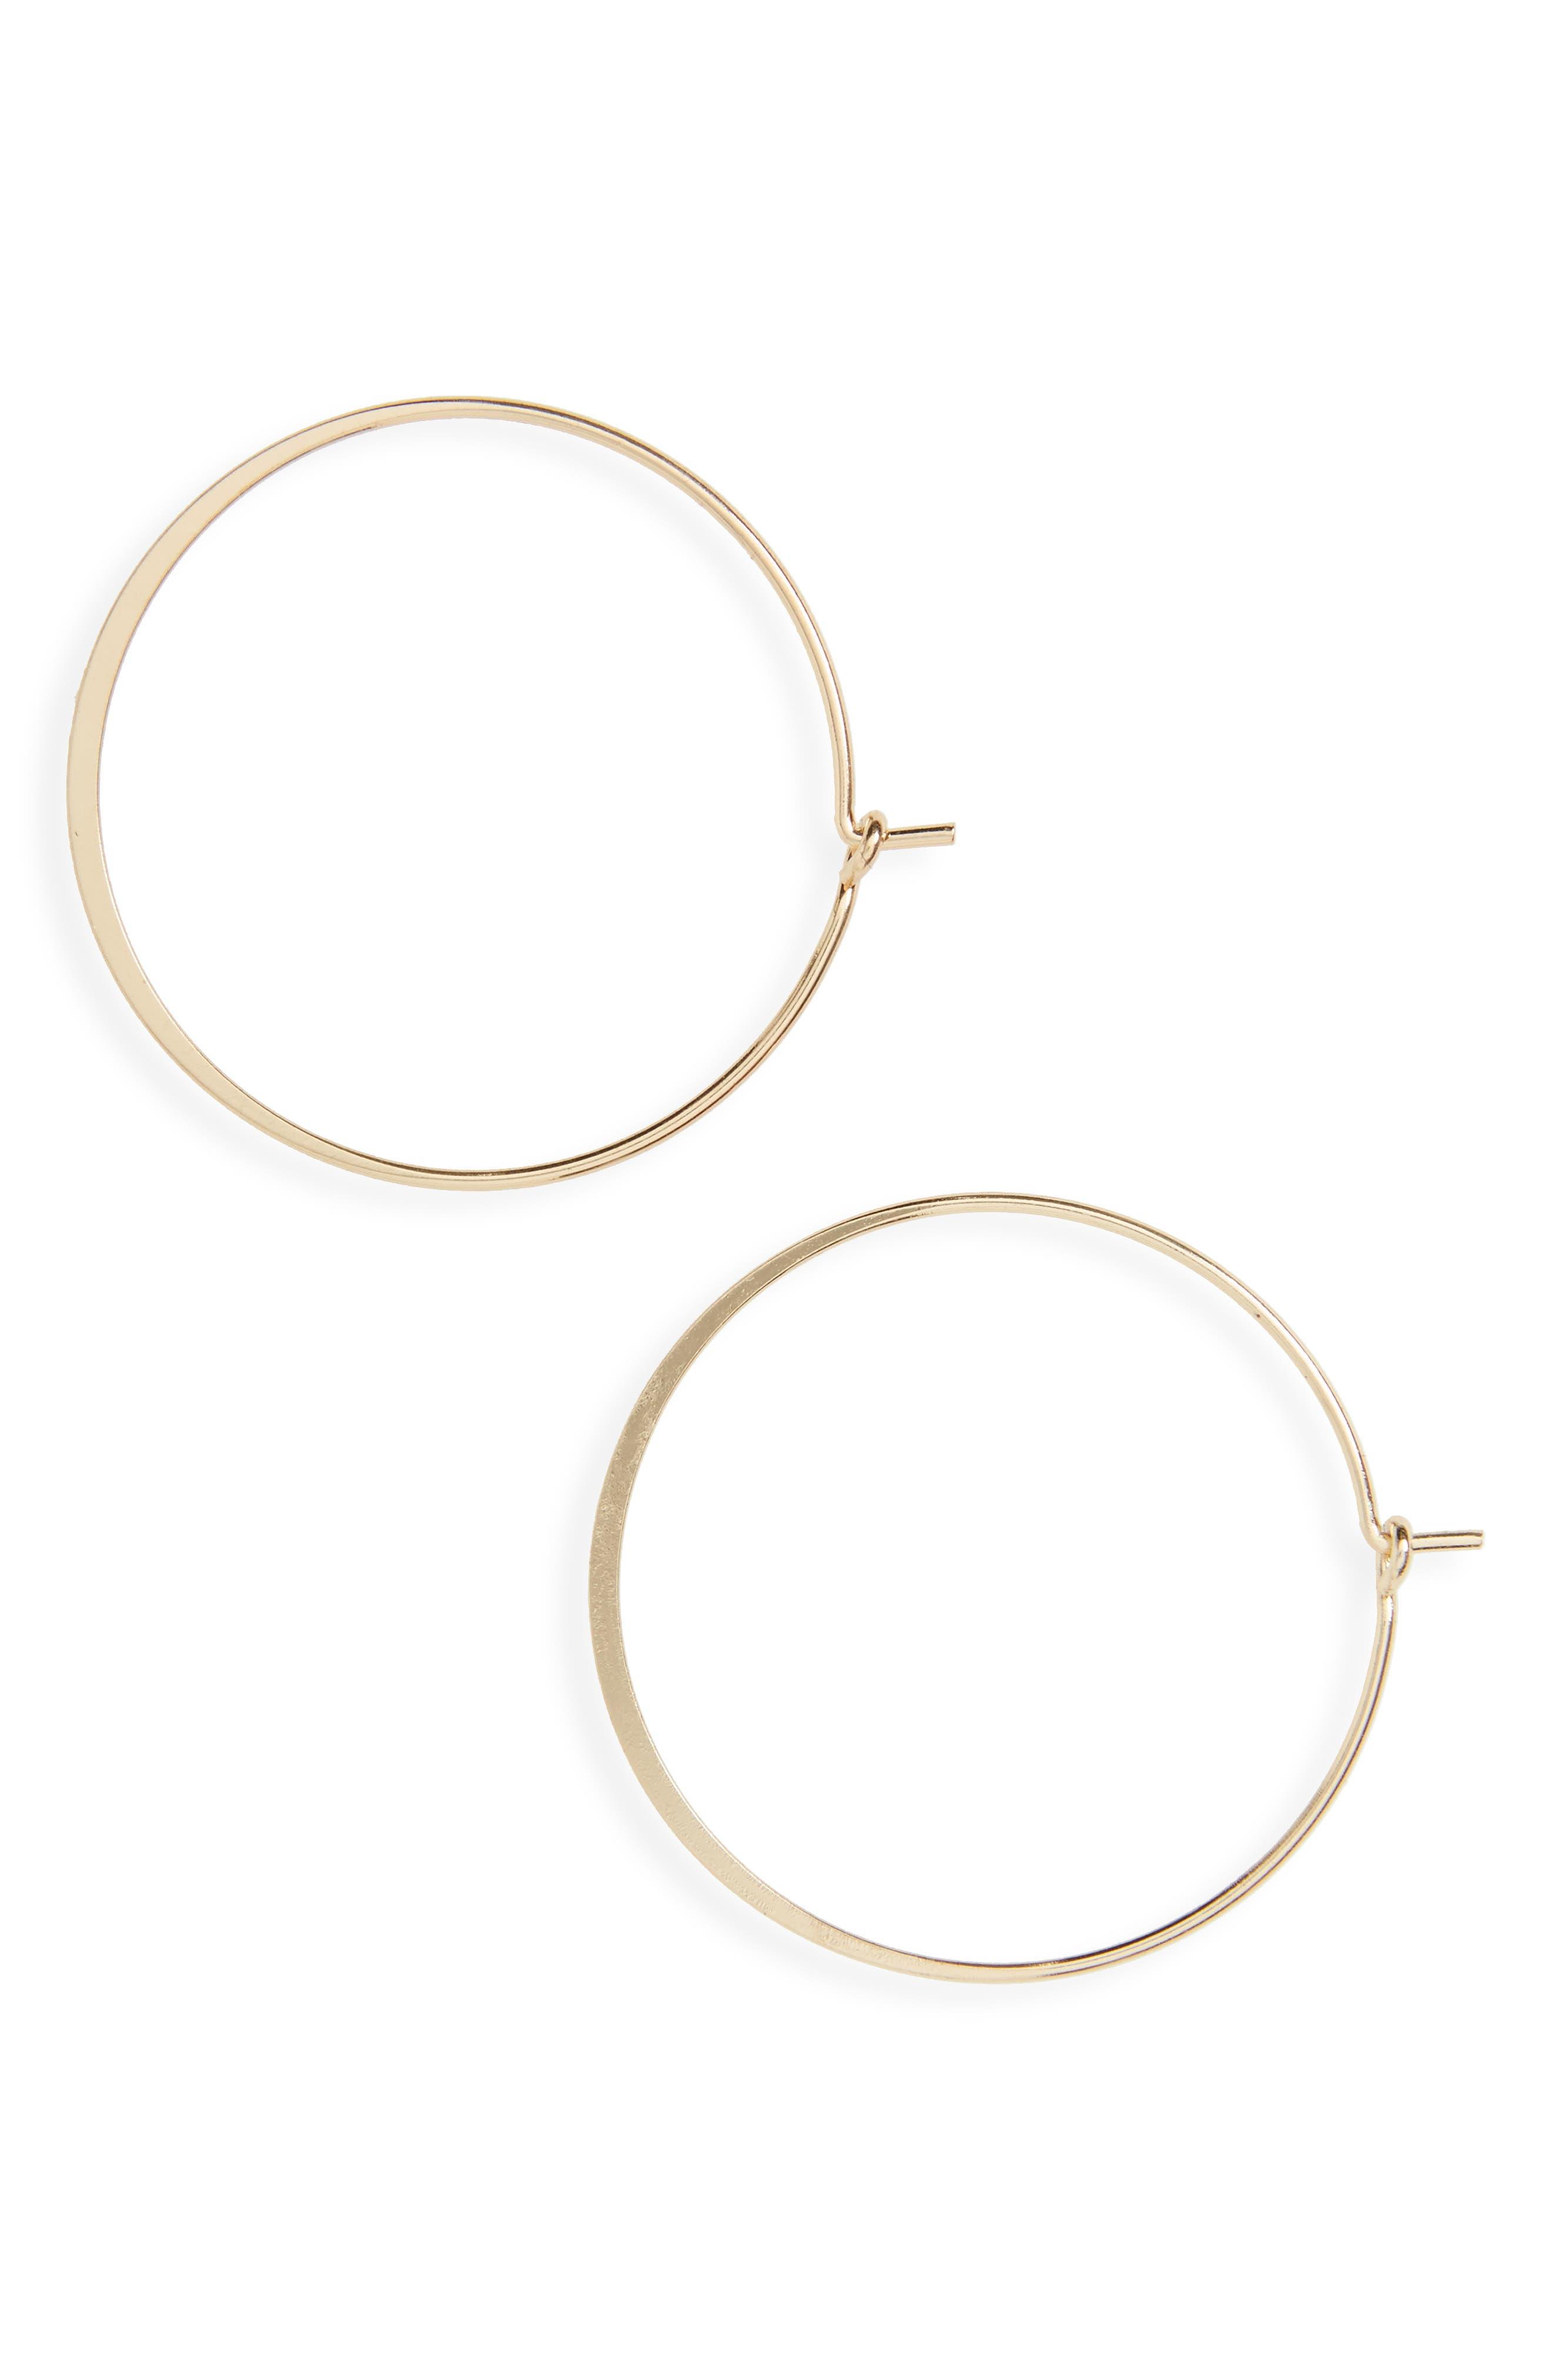 Alternate Image 1 Selected - BP. Flat Hoop Earrings